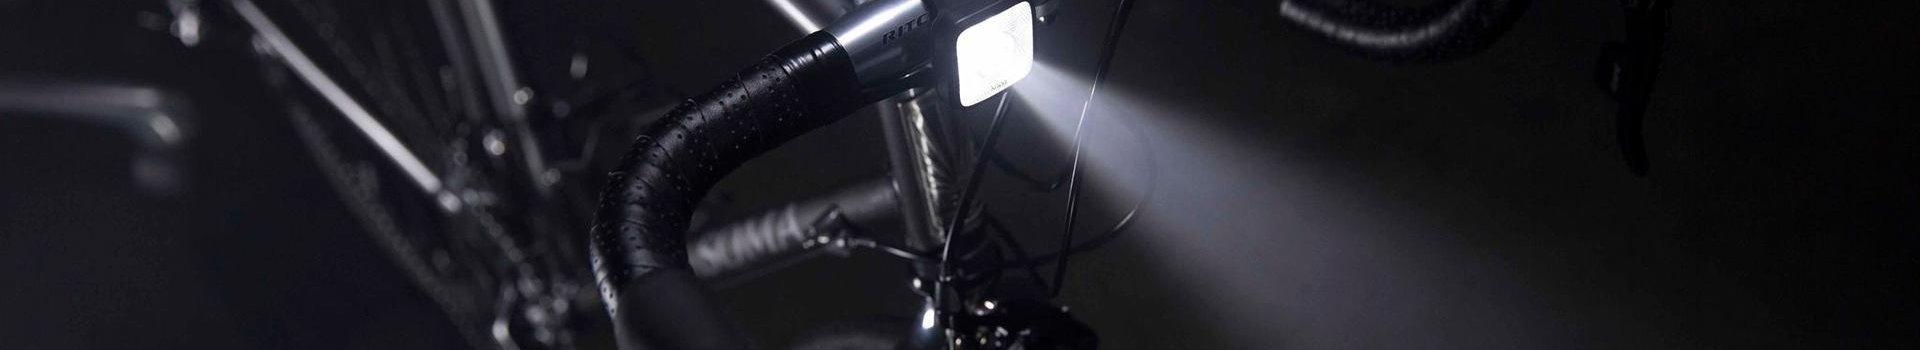 Oświetlenie rowerowe - dlaczego nie warto na nim oszczędzać?